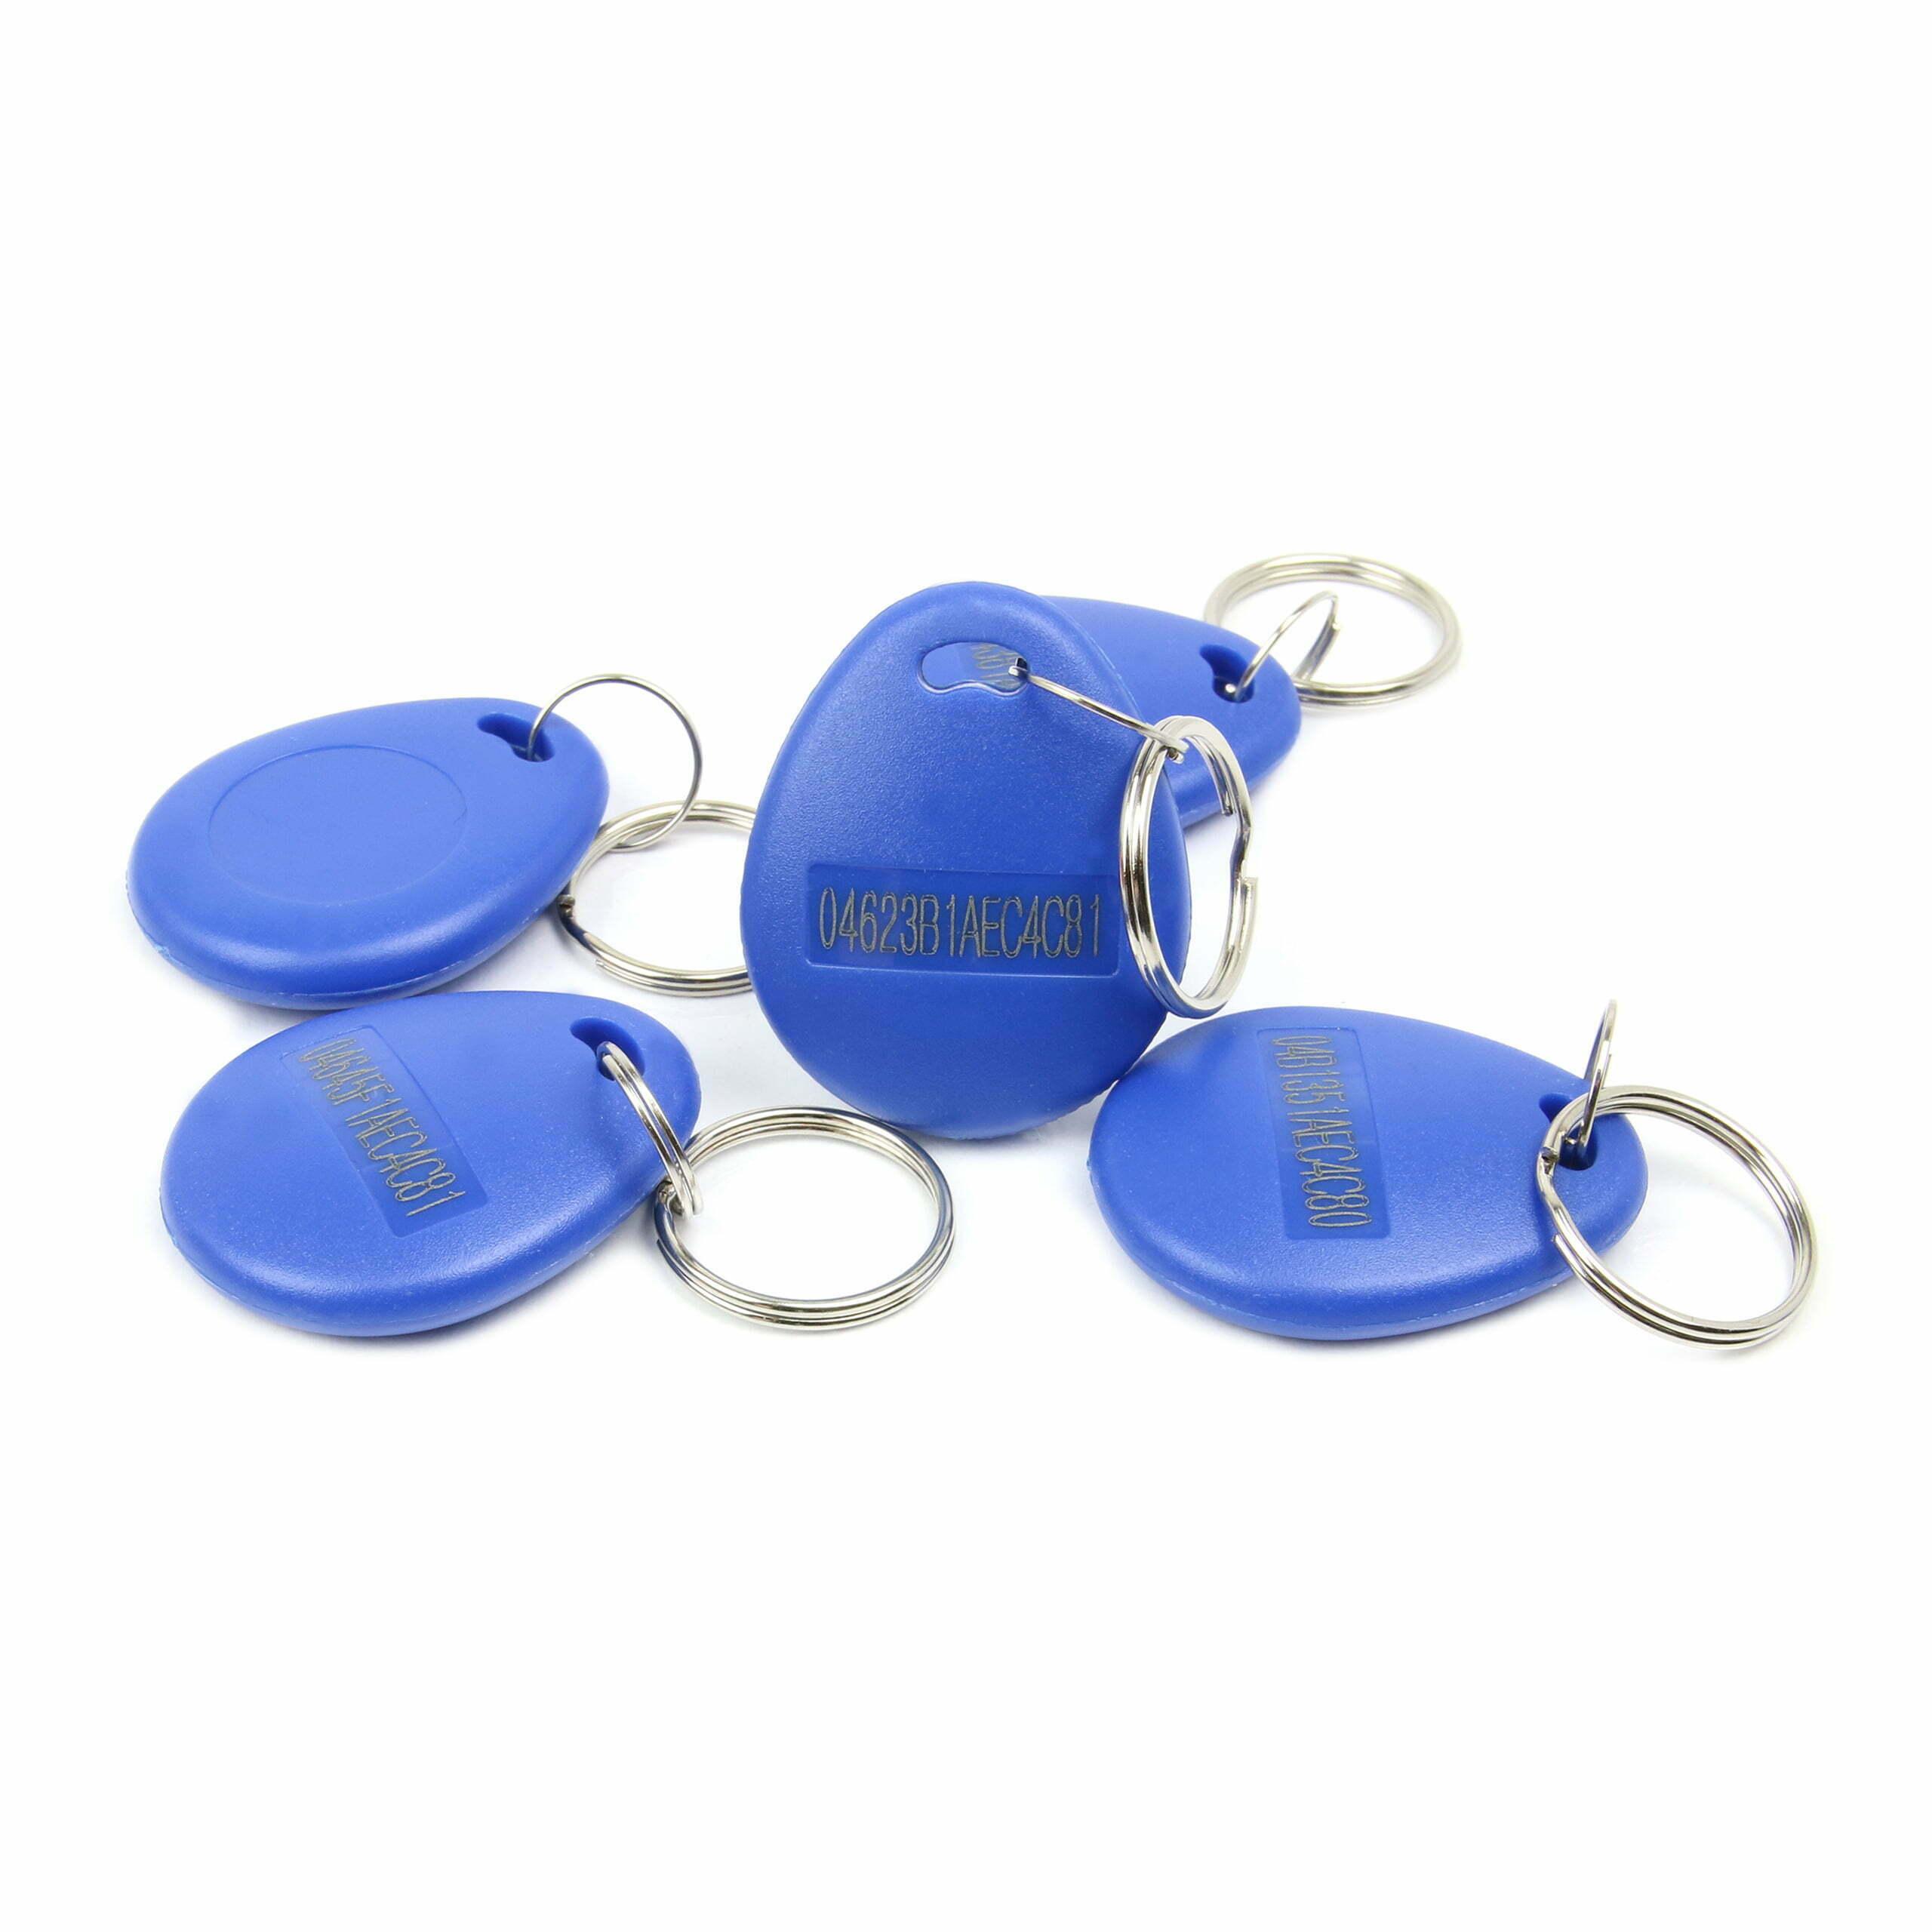 NFC Keyfob, ABS, UID-Print, 37x30mm, NTAG 213, 180 Byte